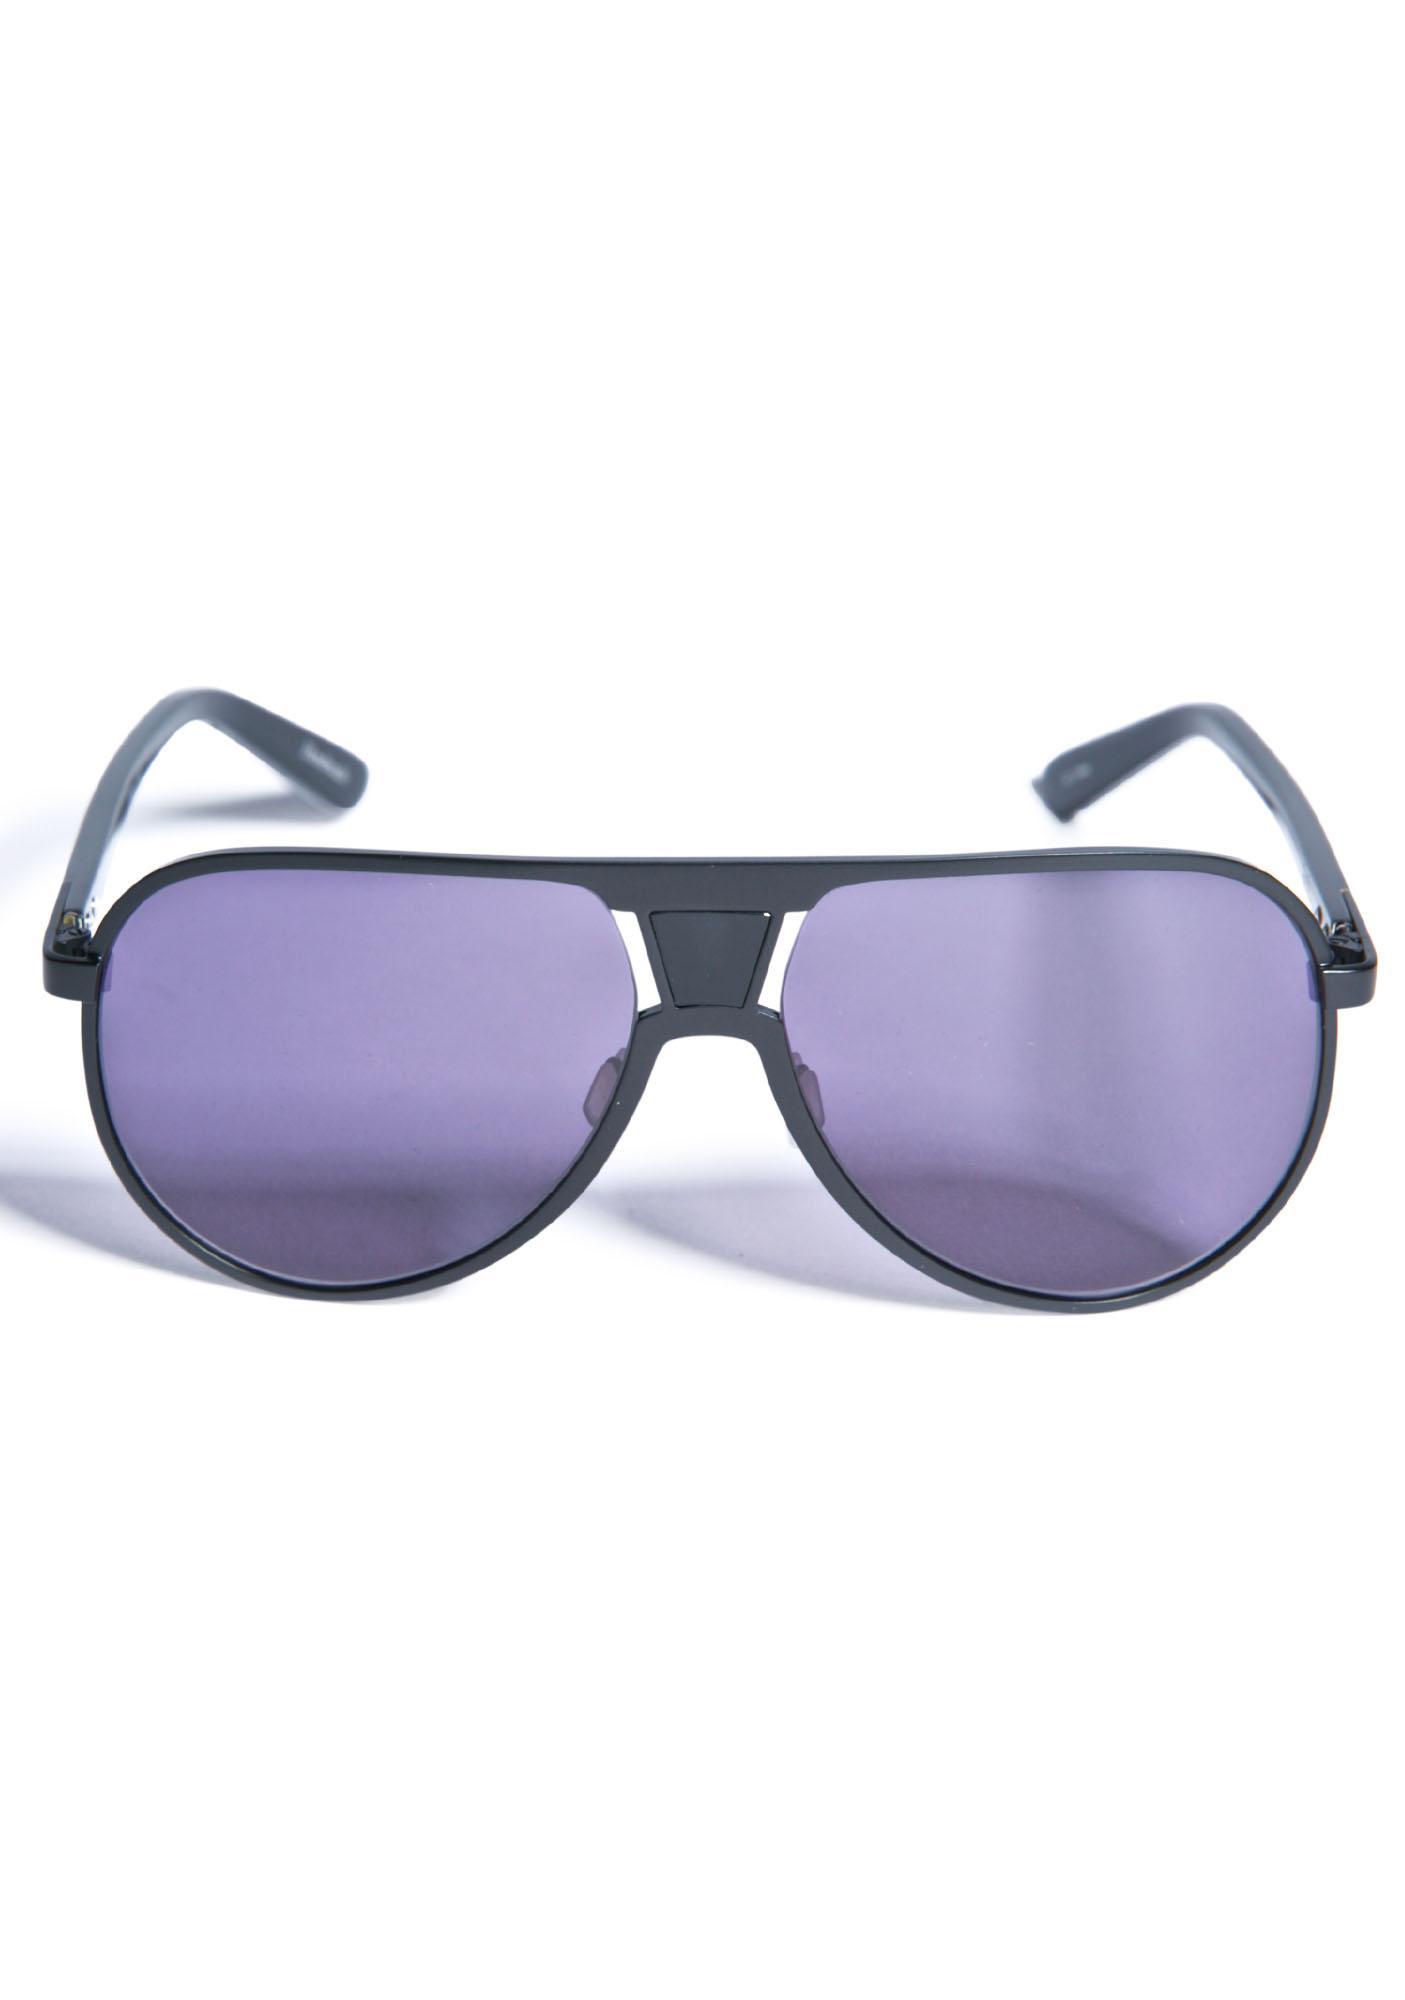 Ksubi Mensa Sunglasses